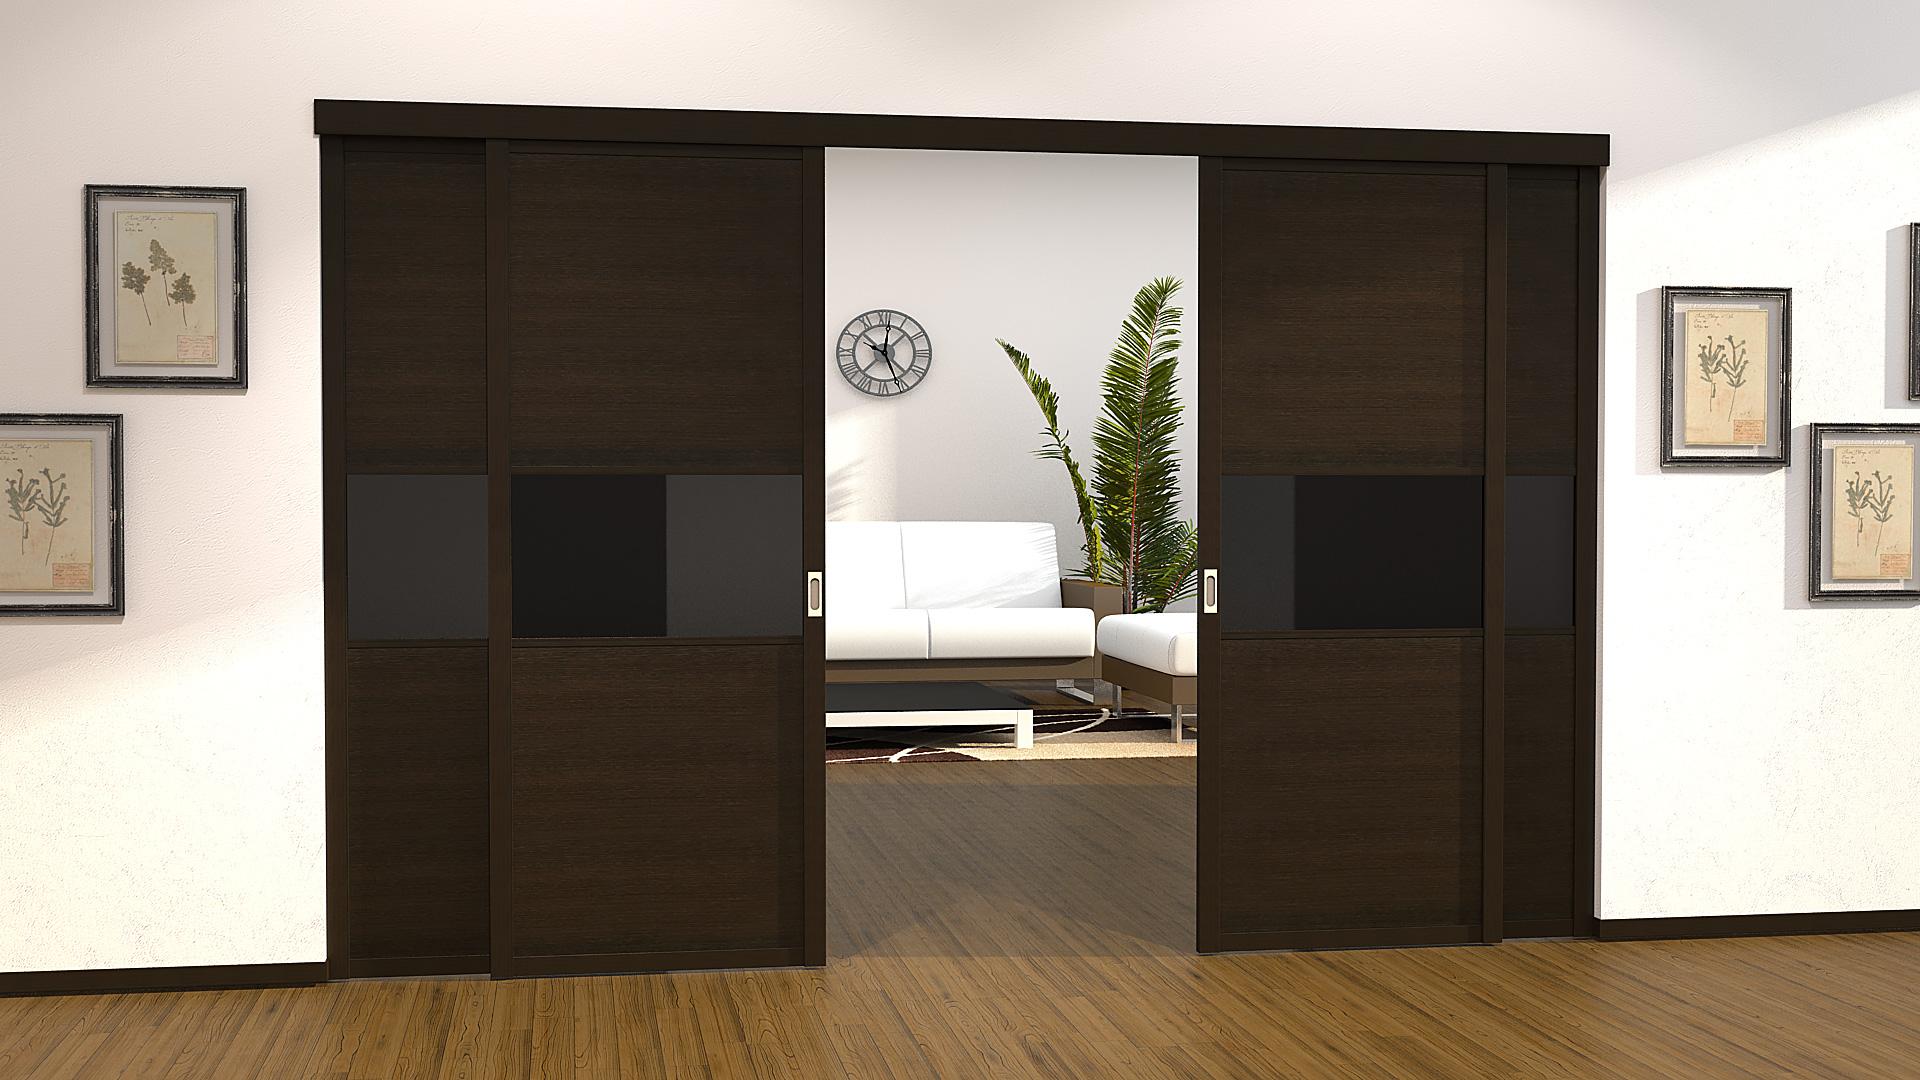 Двери межкомнатные Химки: особенности и преимущества